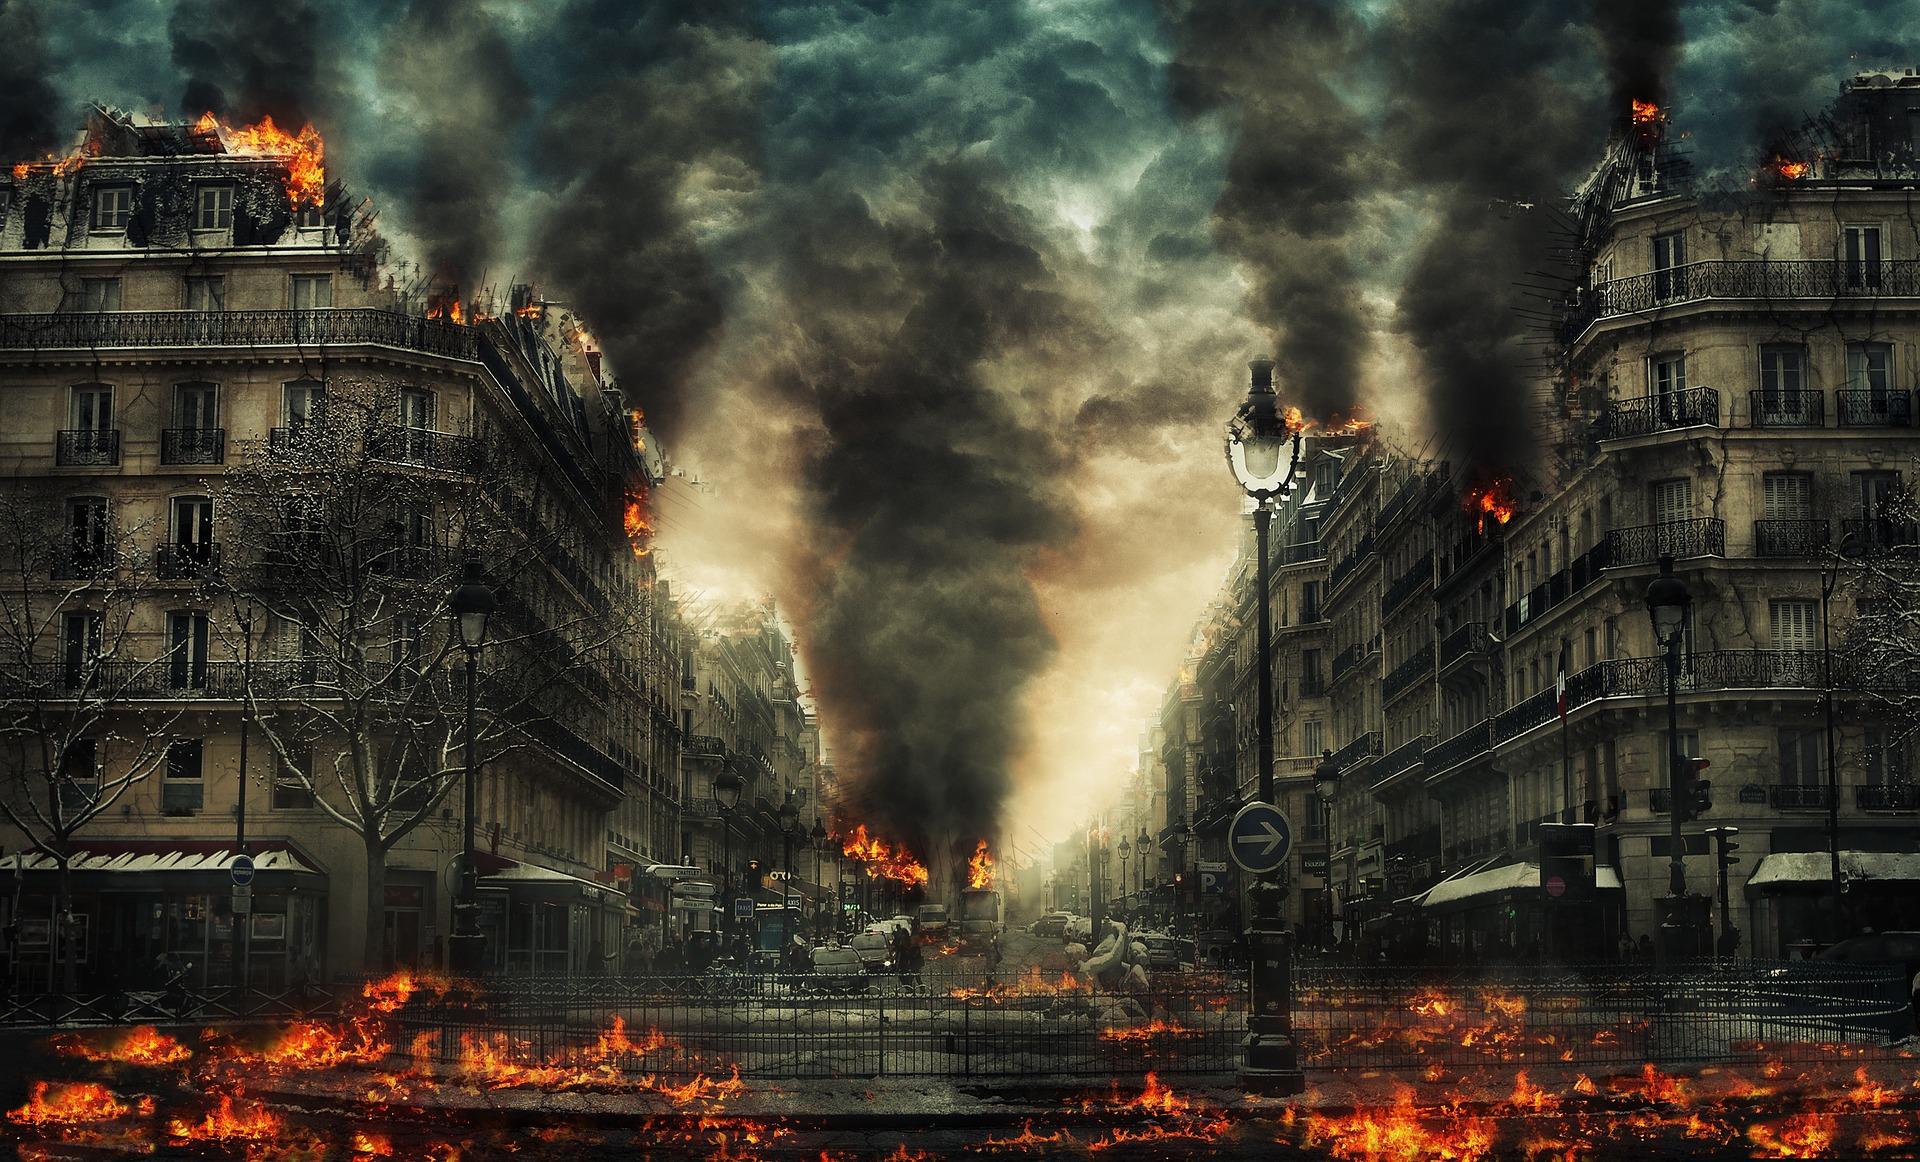 El apocalipsis viene porque viene - Generación Pentecostal